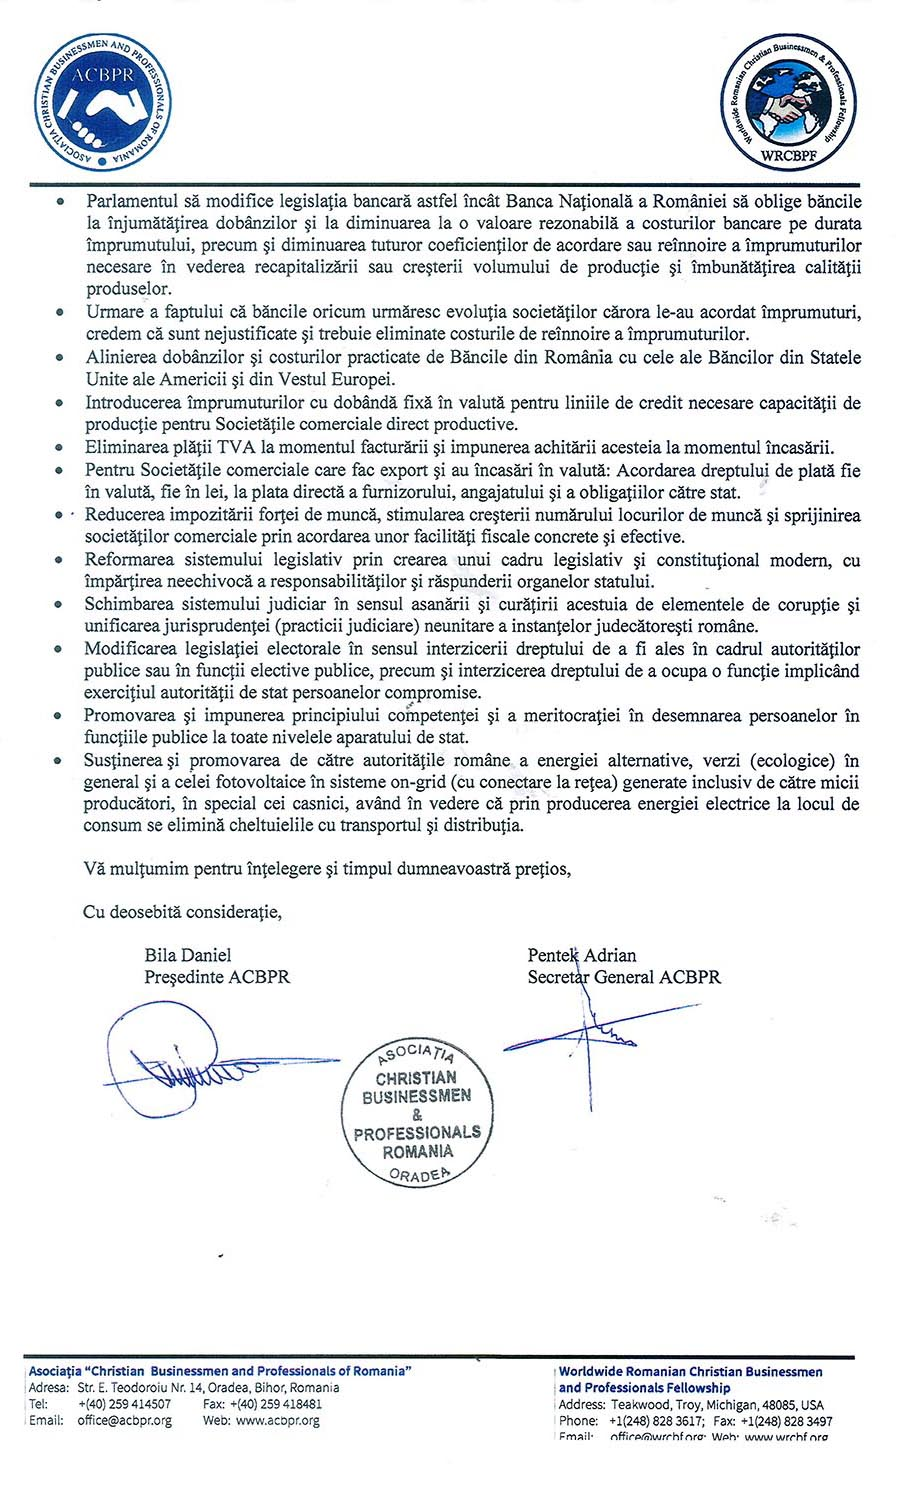 Scrisoare deschisa - 24 Noiembrie 2015 Bucuresti, Romania_Page_2